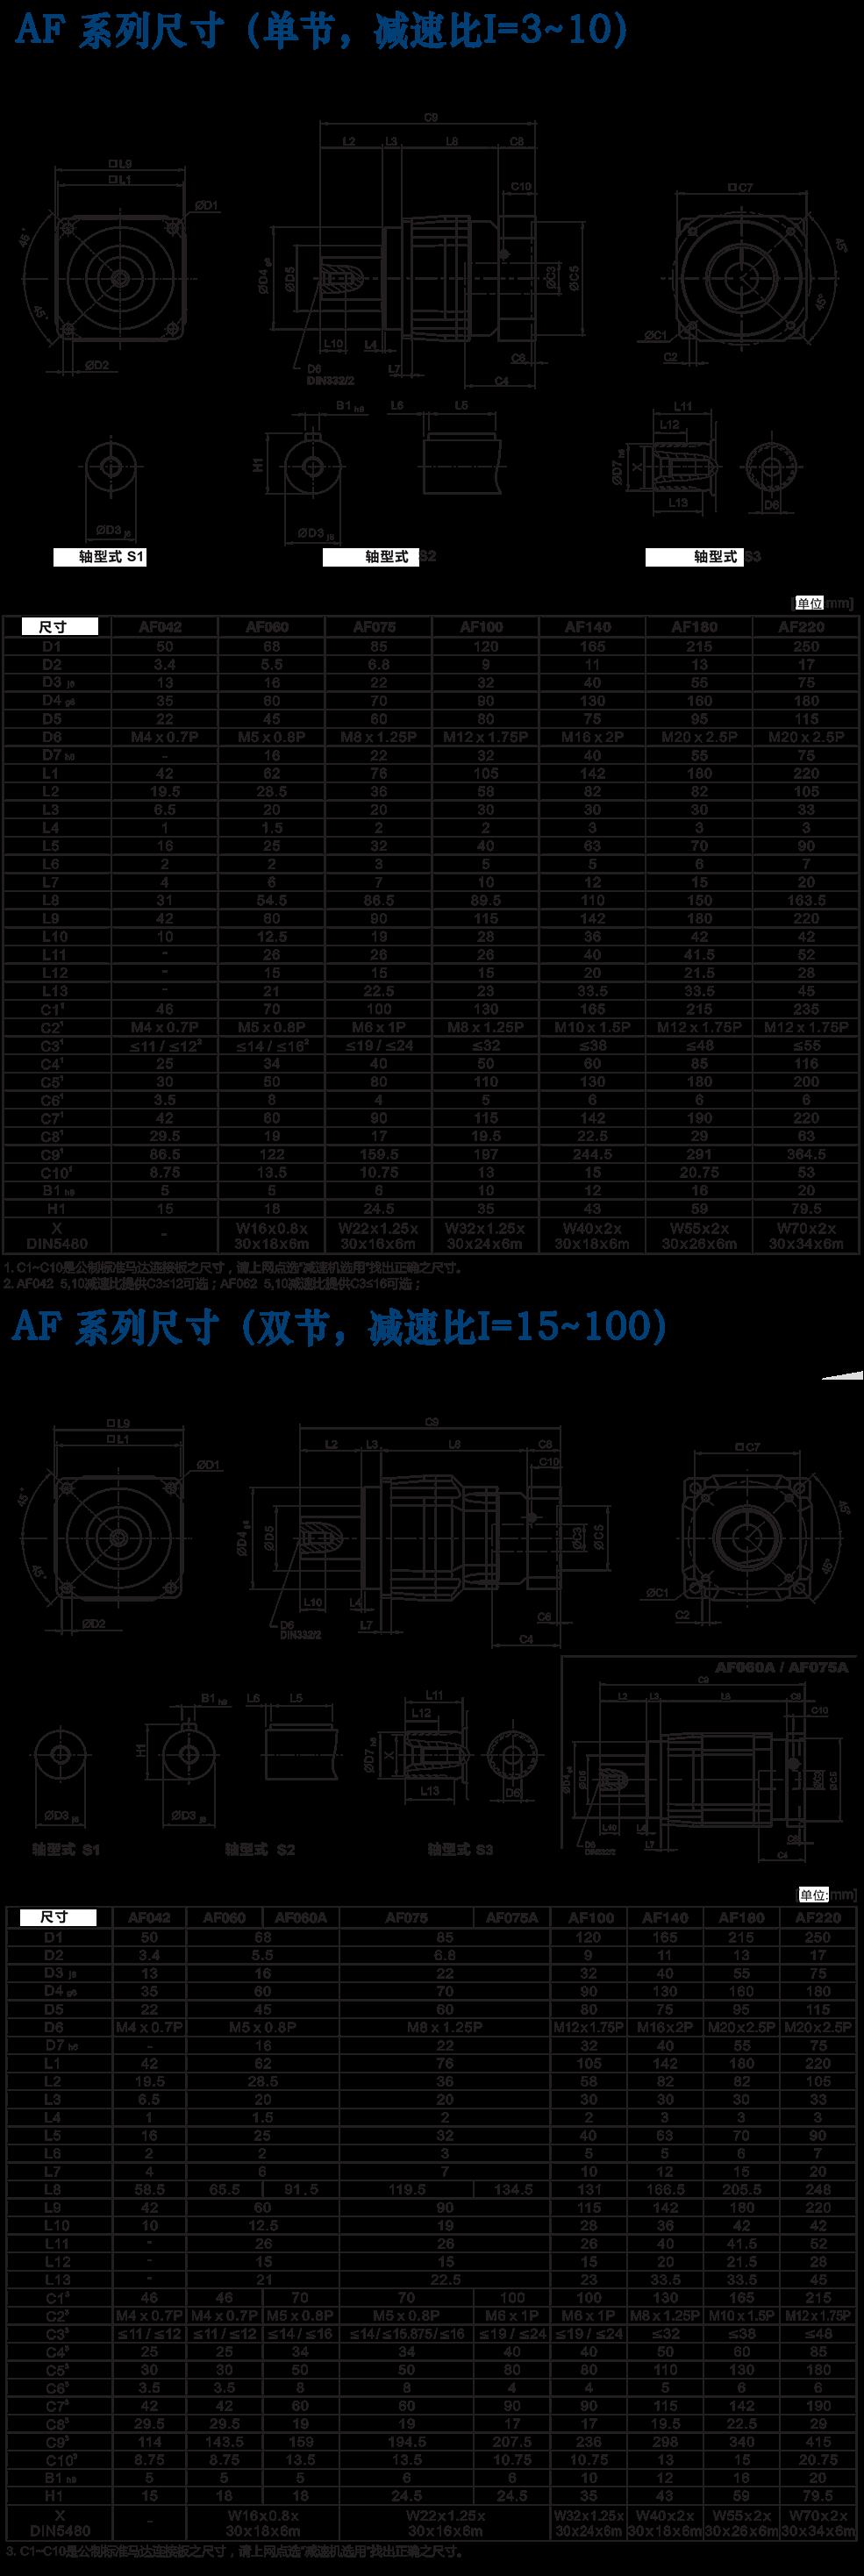 AF-台湾精锐减su机.png